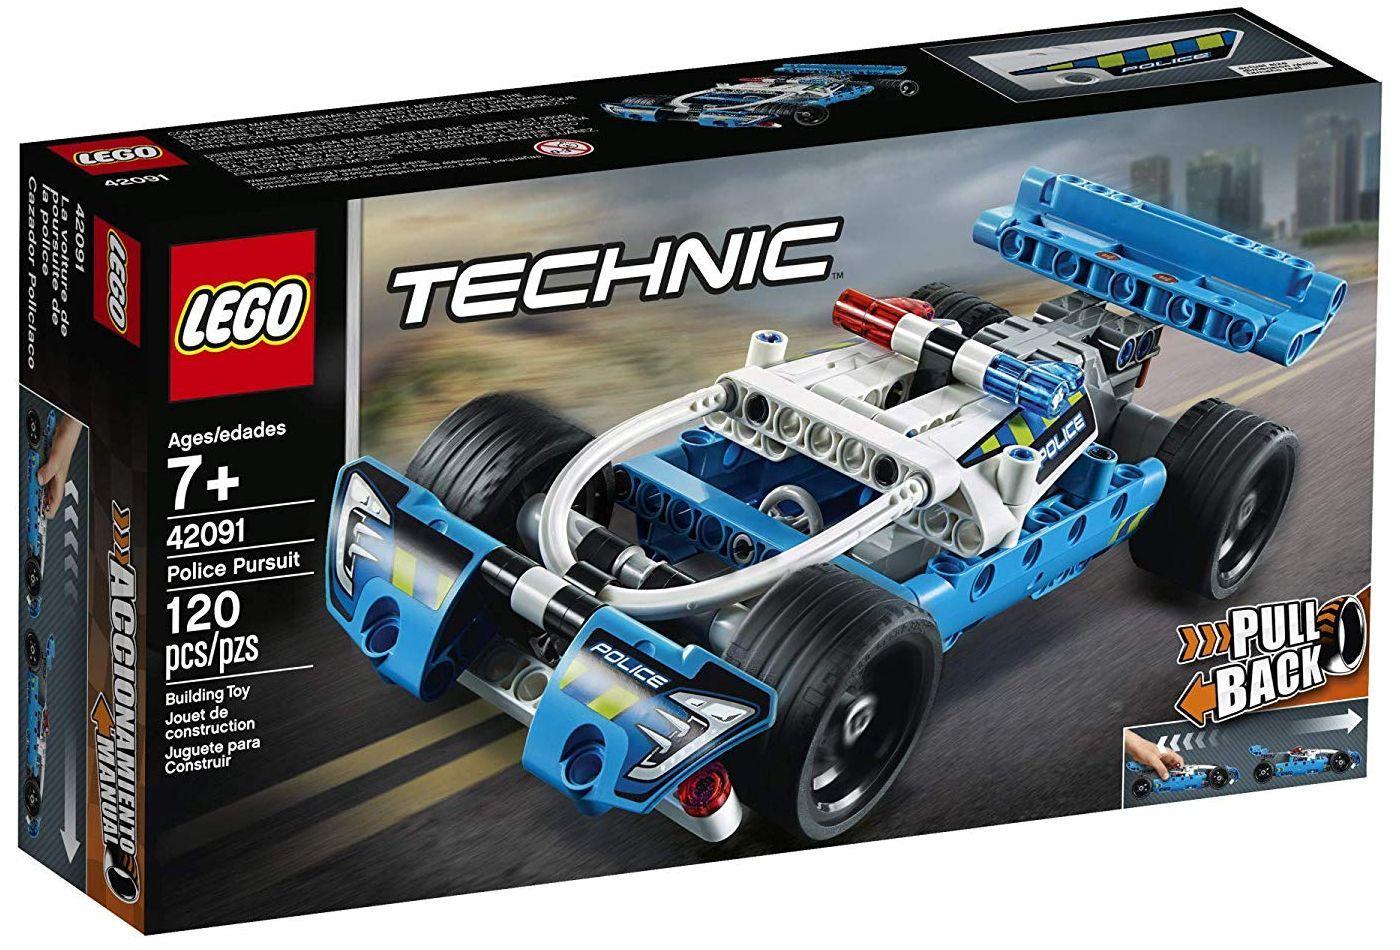 Конструктор Lego Technic - Полицейско преследване (42091) - 5